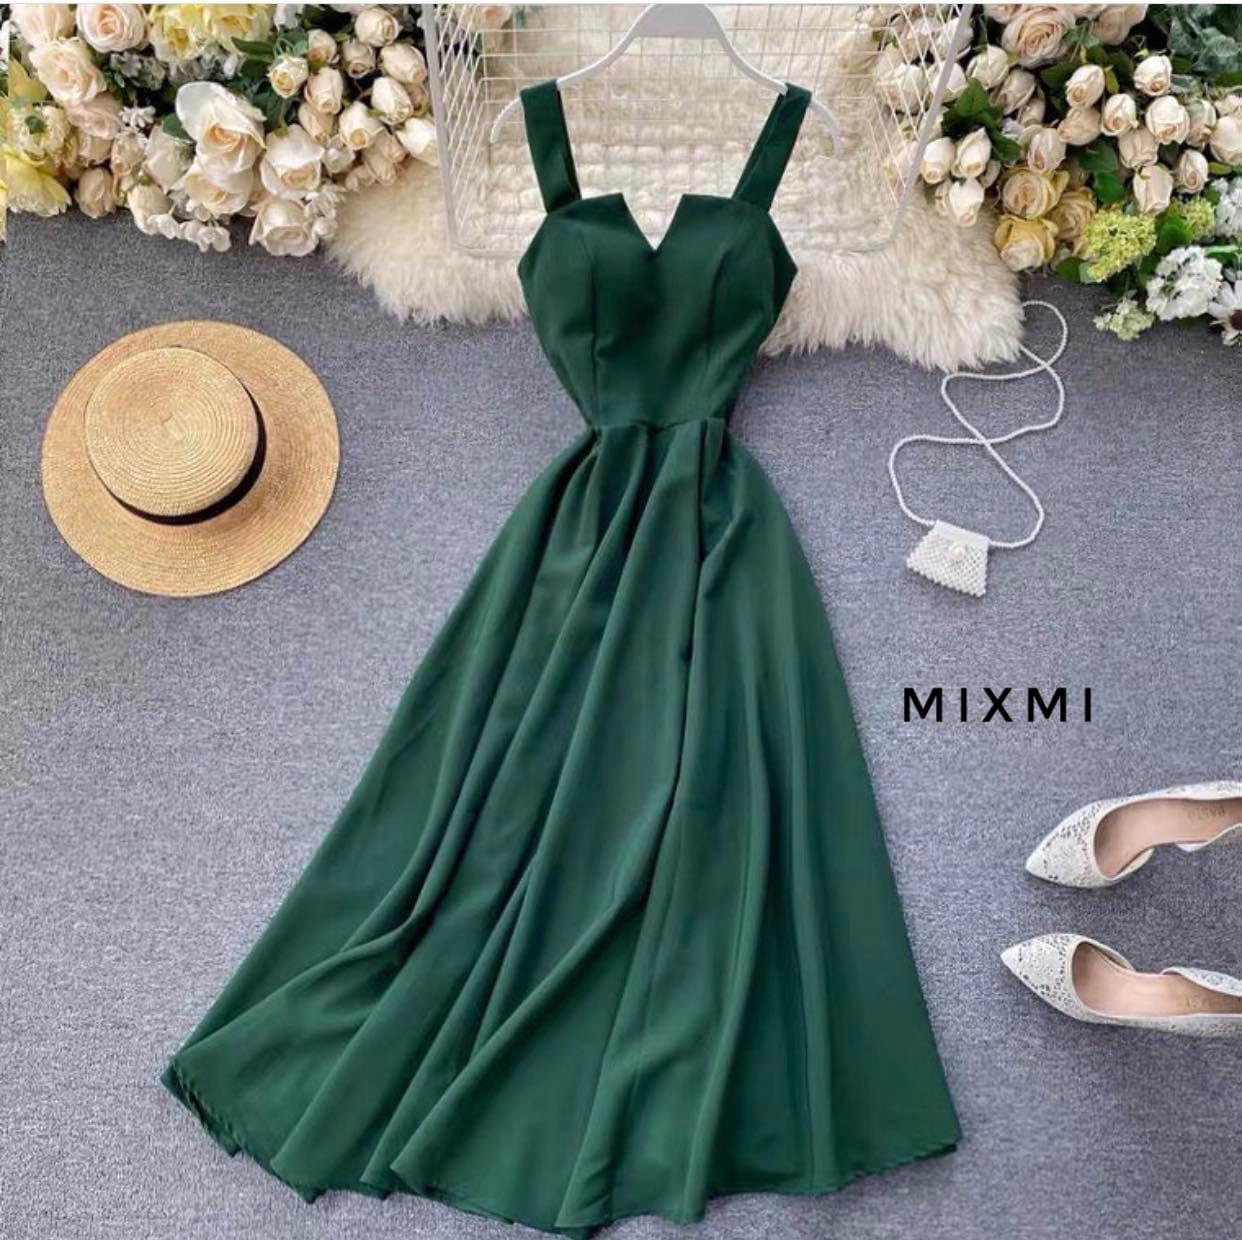 Женское платье, супер - софт, р-р 42-44; 44-46 (бутылочный)